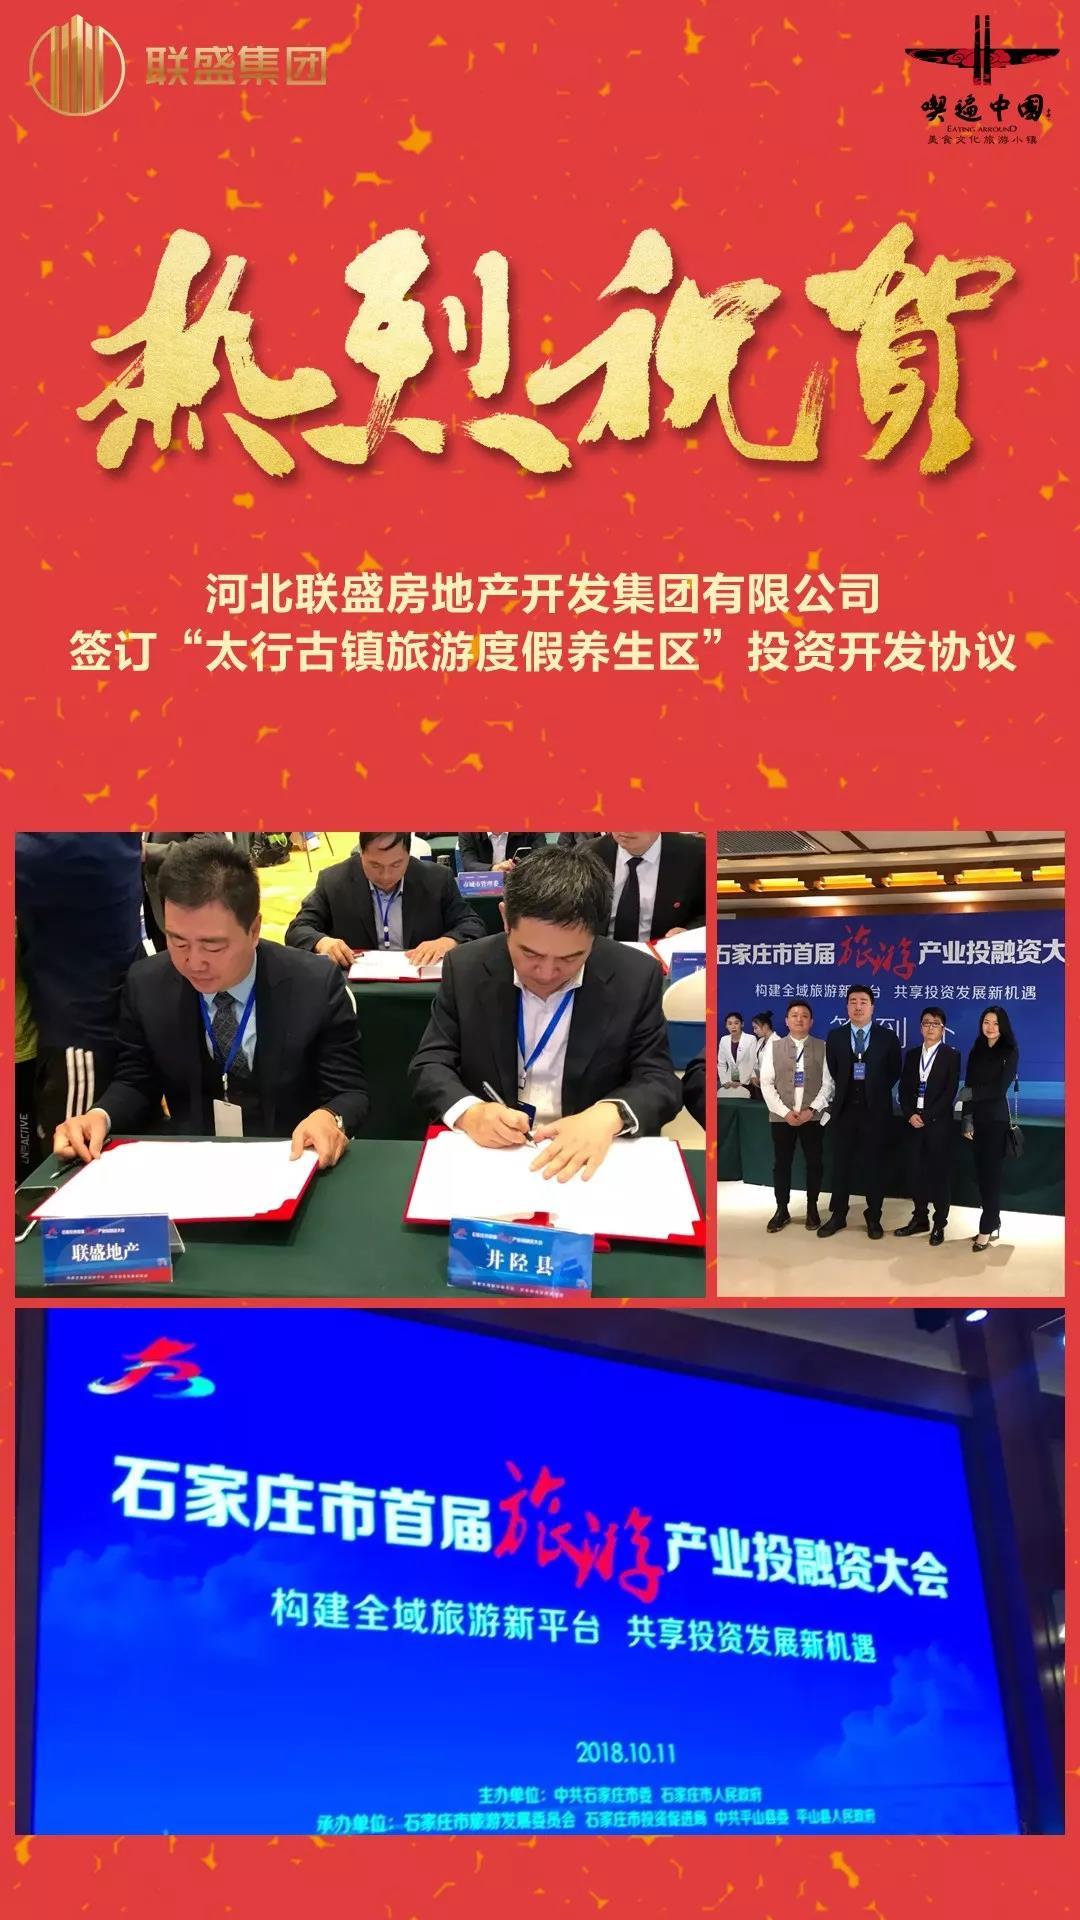 """热烈祝贺河北联盛房地产开发集团有限公司,签订""""太行古镇旅游"""